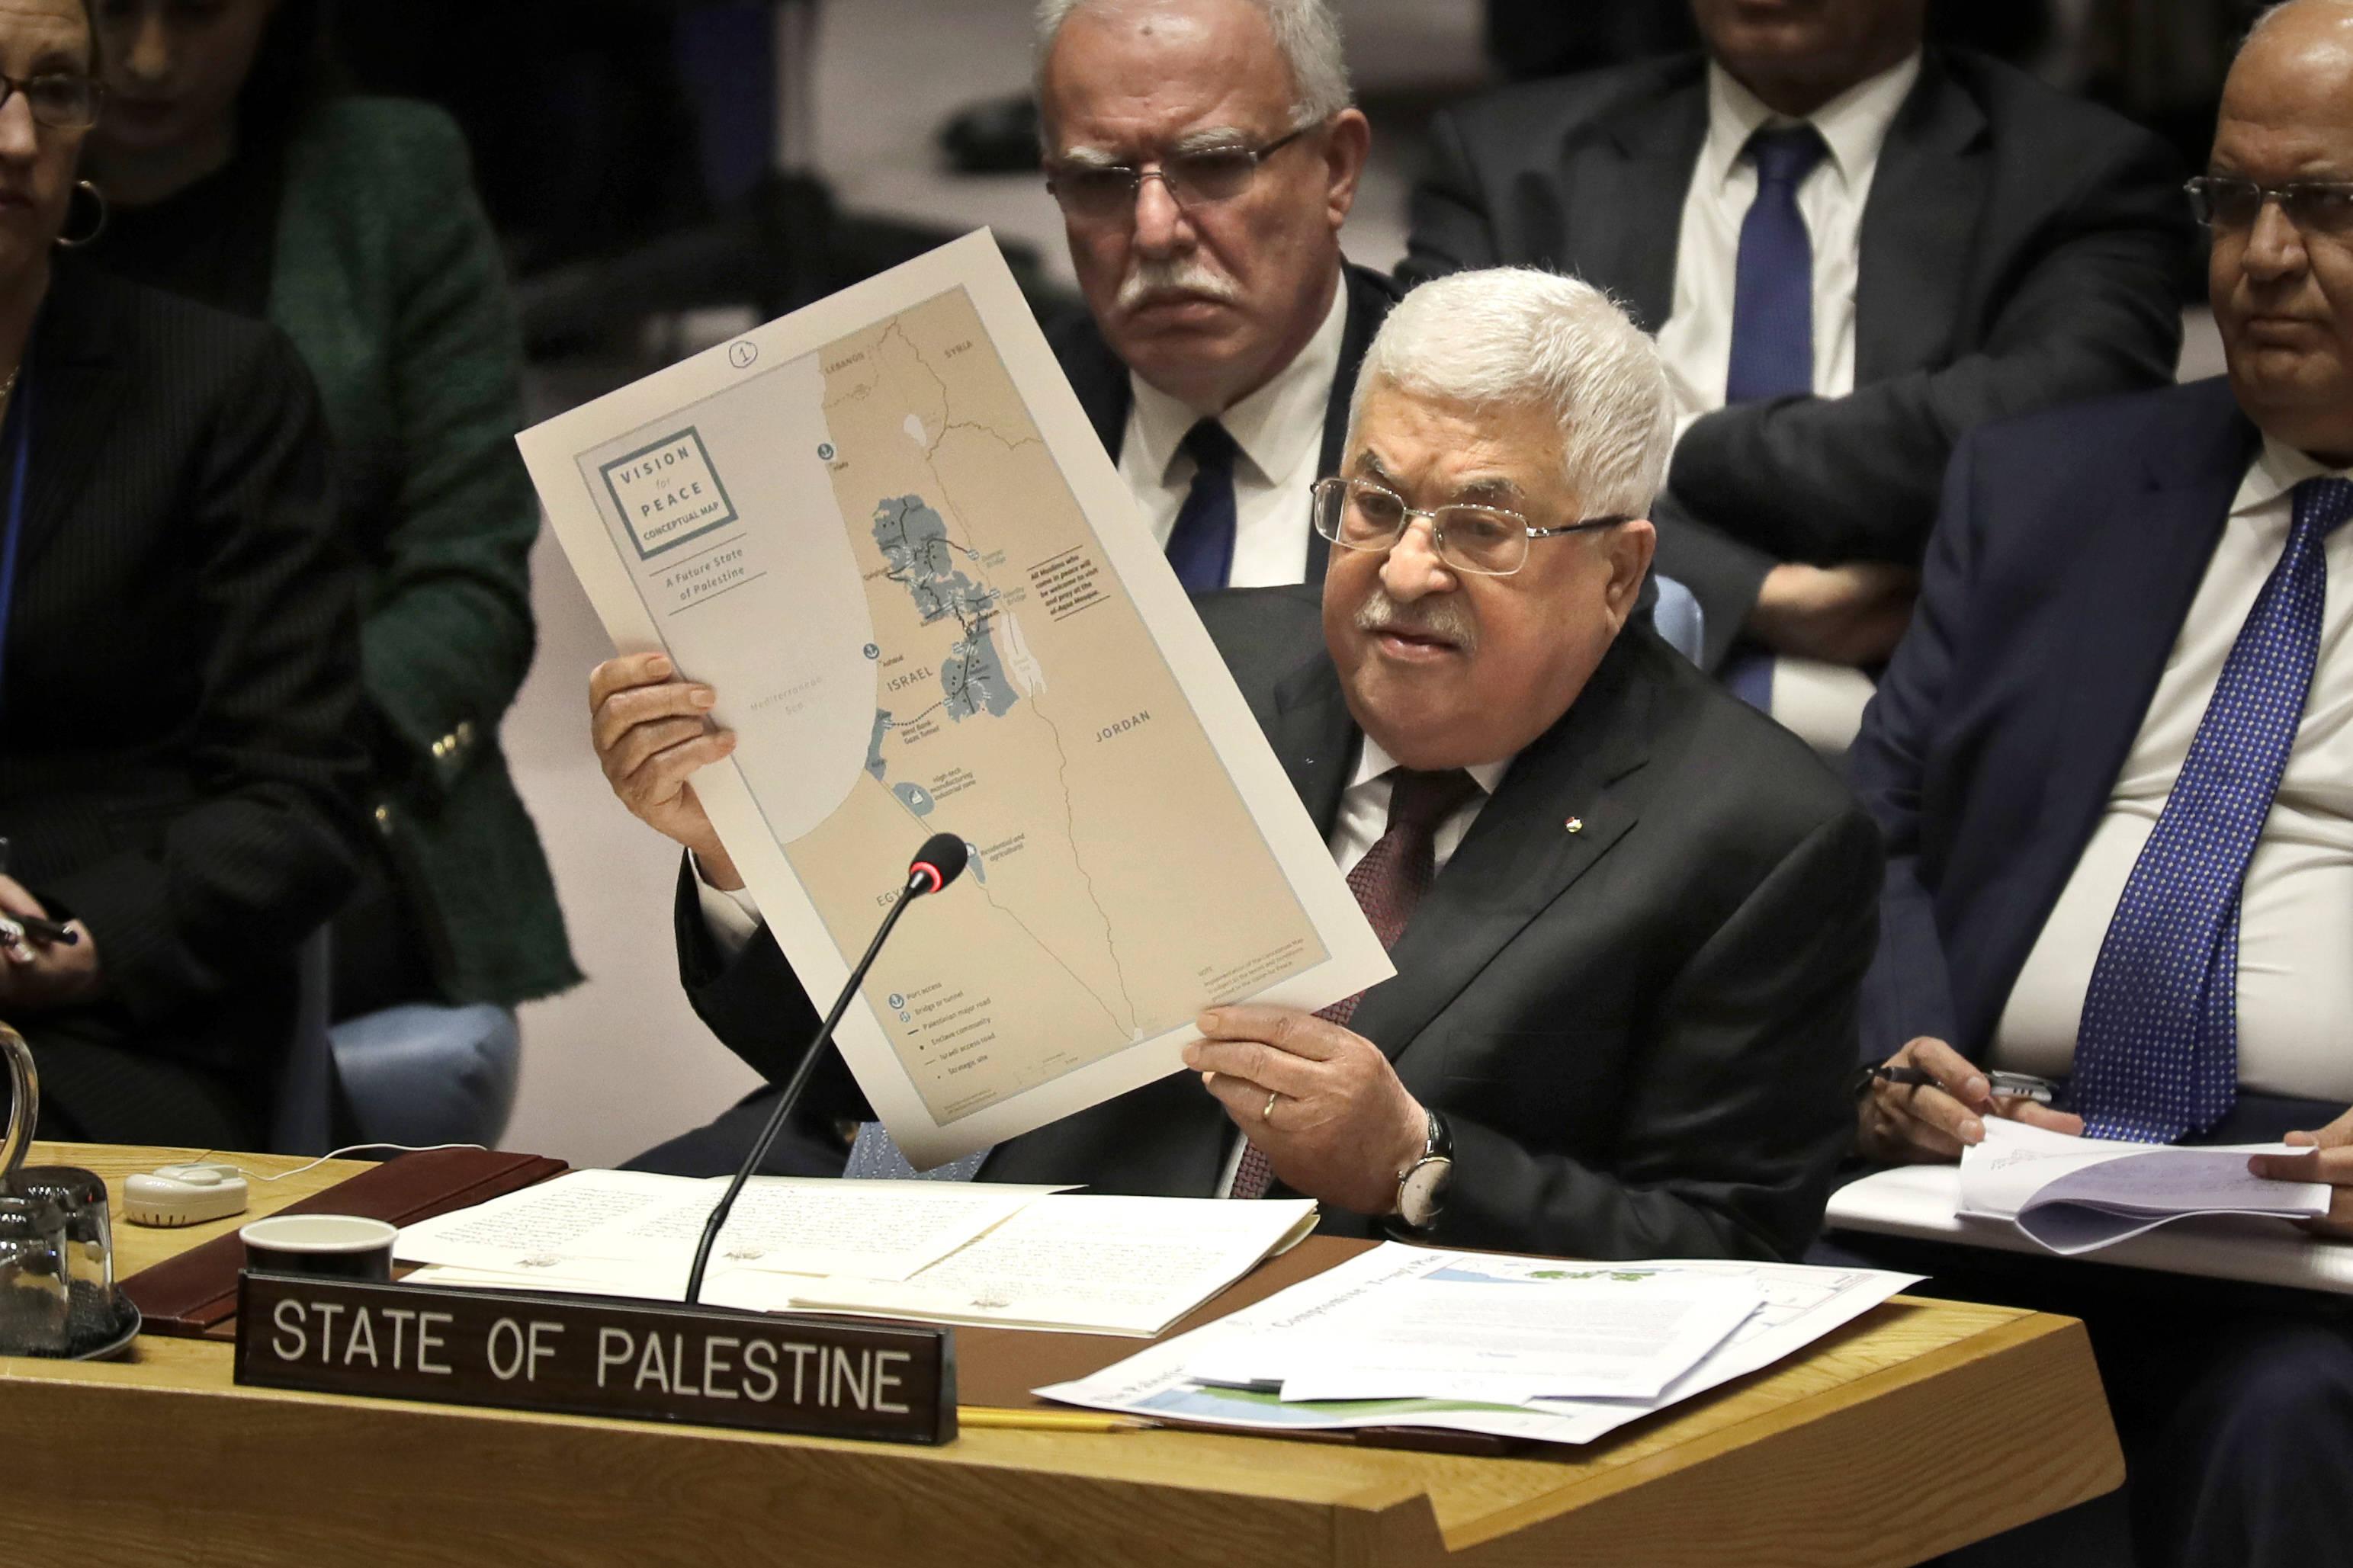 Le président palestinien Mahmoud Abbas lors d'une réunion au Conseil de sécurité de l'ONU, le 11 février 2020.